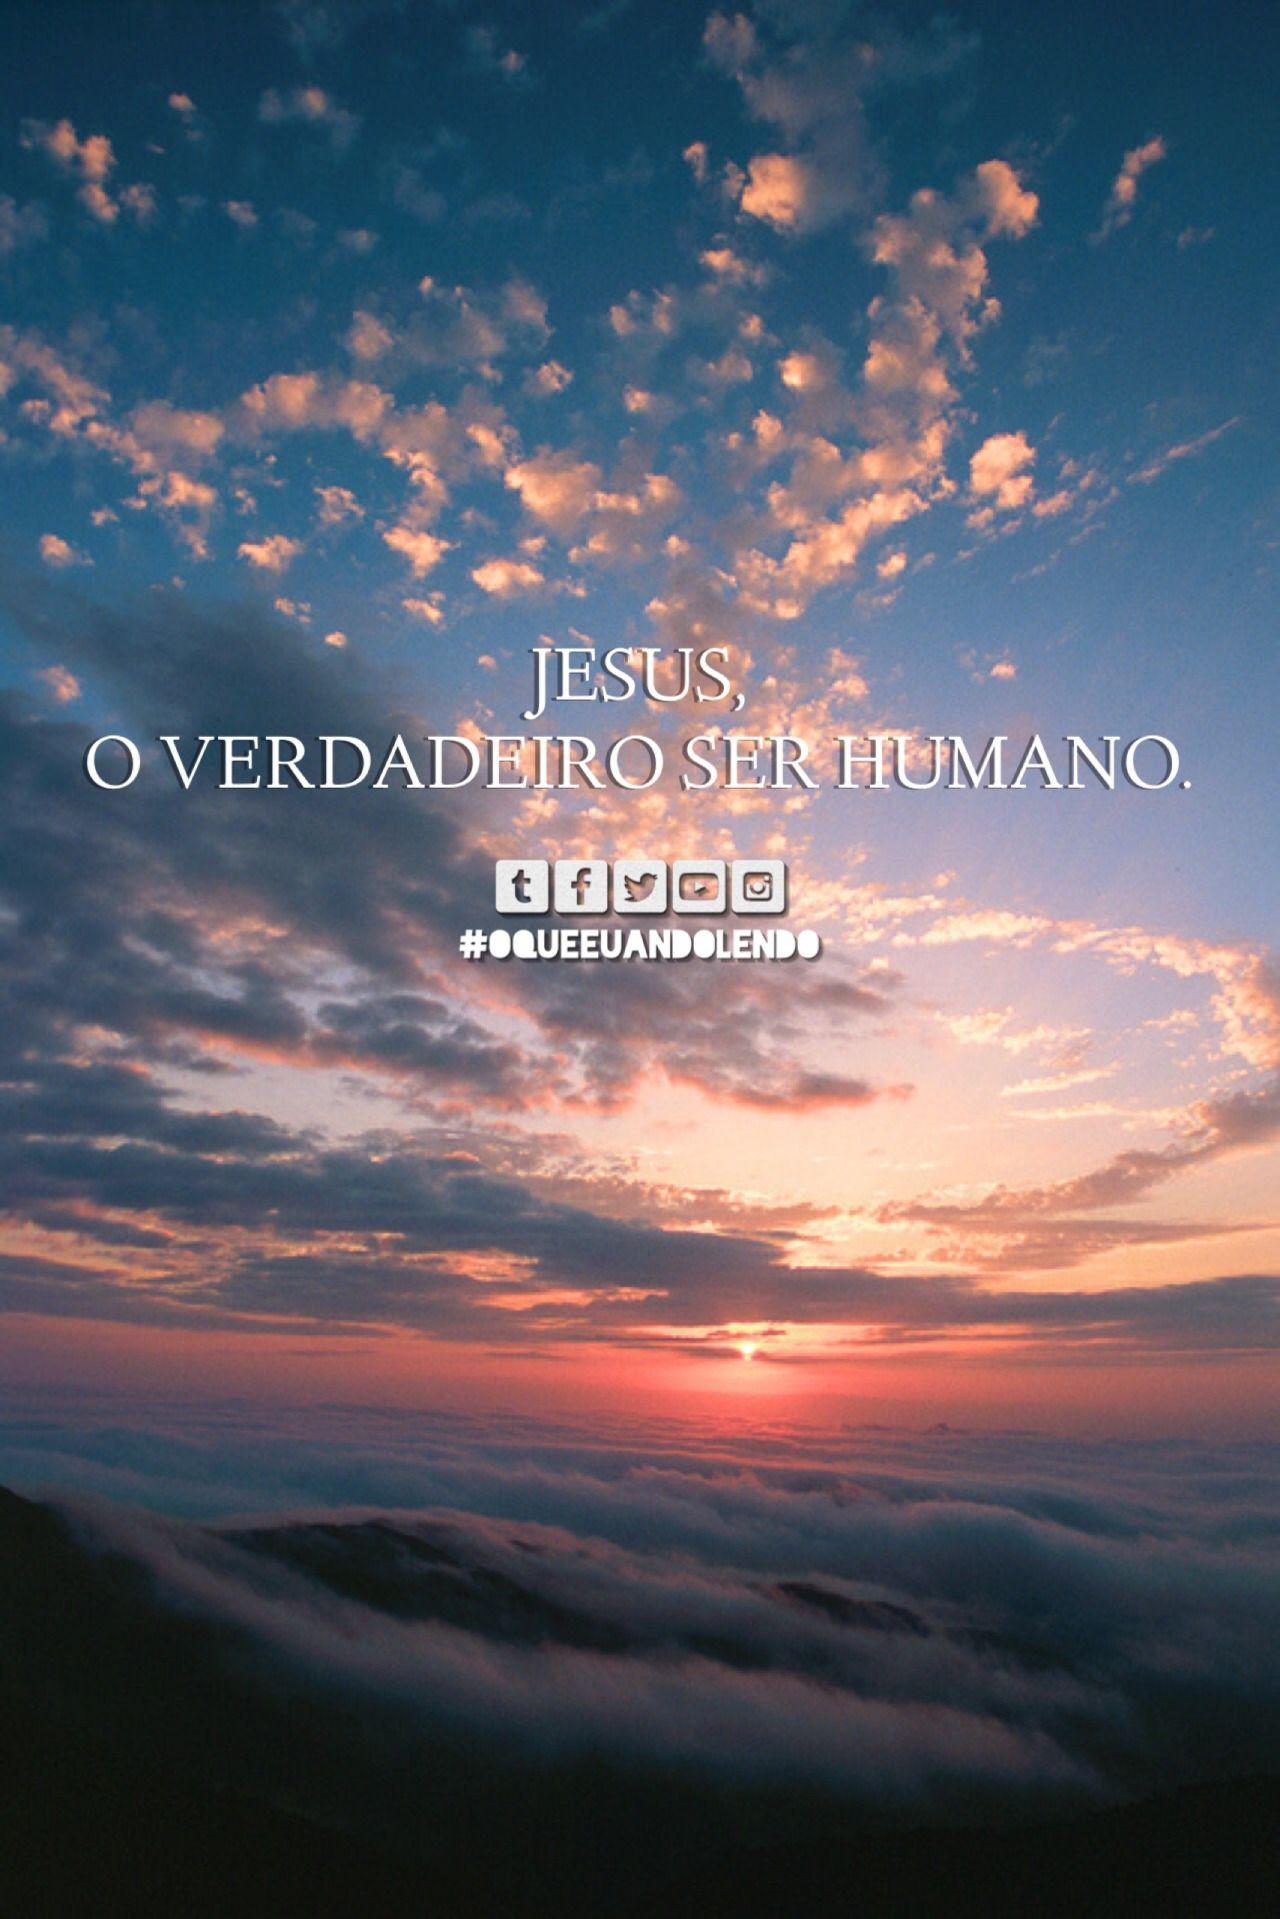 Oqueeuandolendo Jesus Jesuscristo Gajoromario Livros Frases